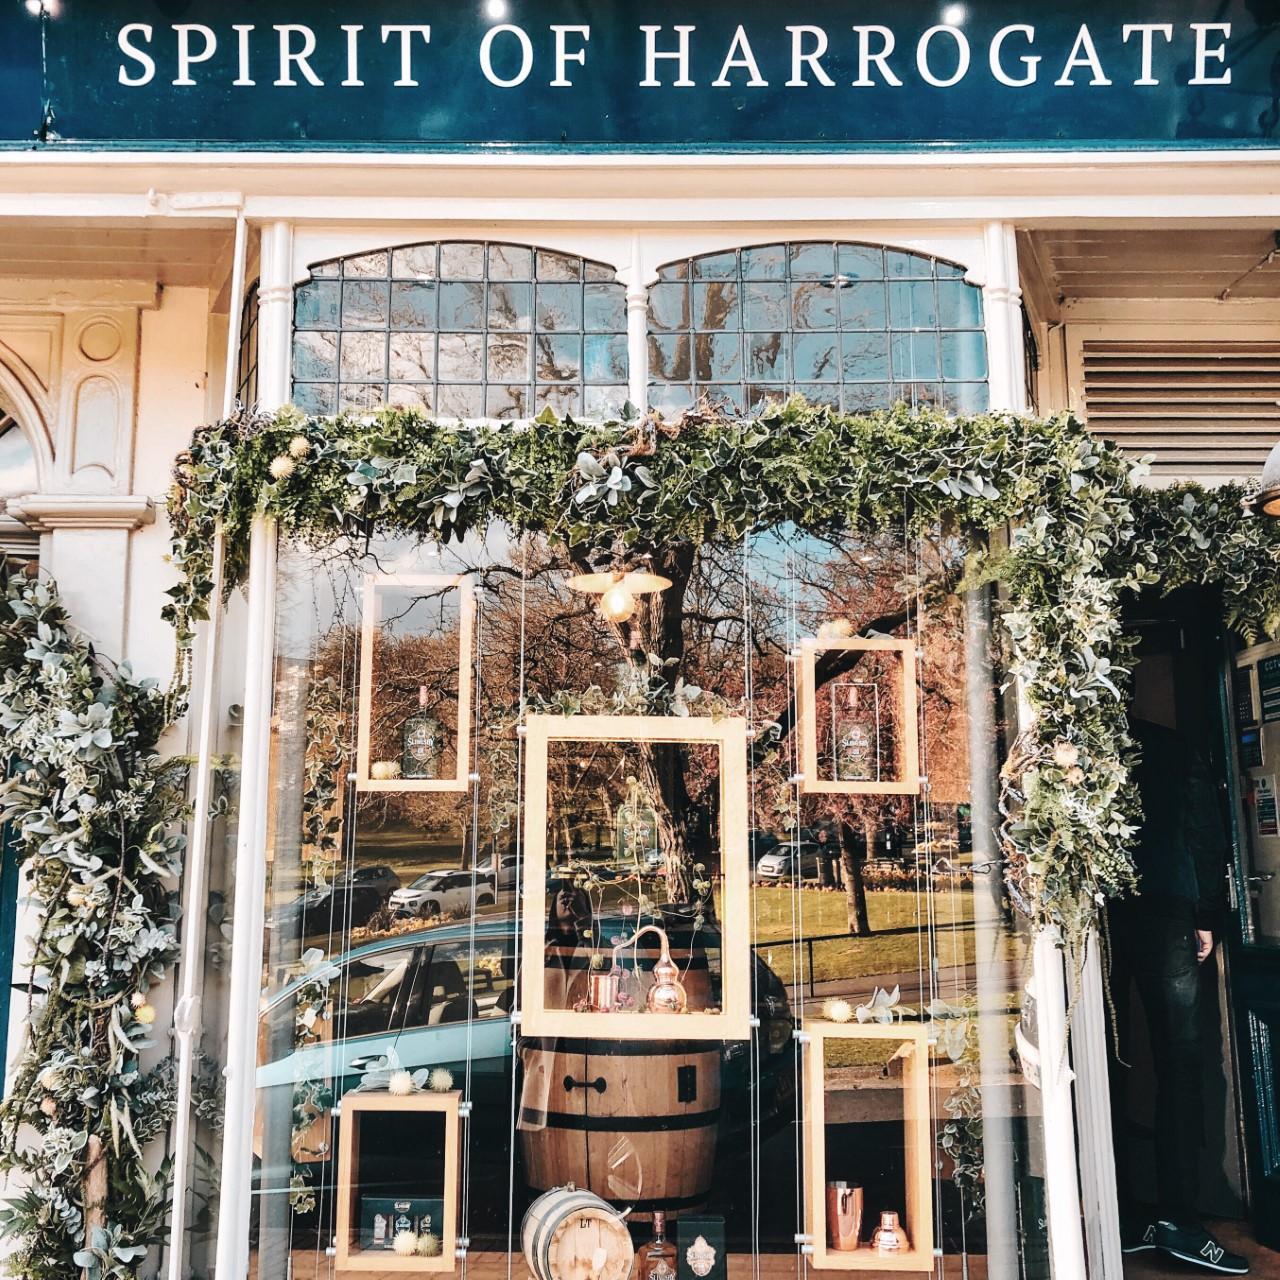 Master Distiller | Distill your own Gin at Spirit of Harrogate